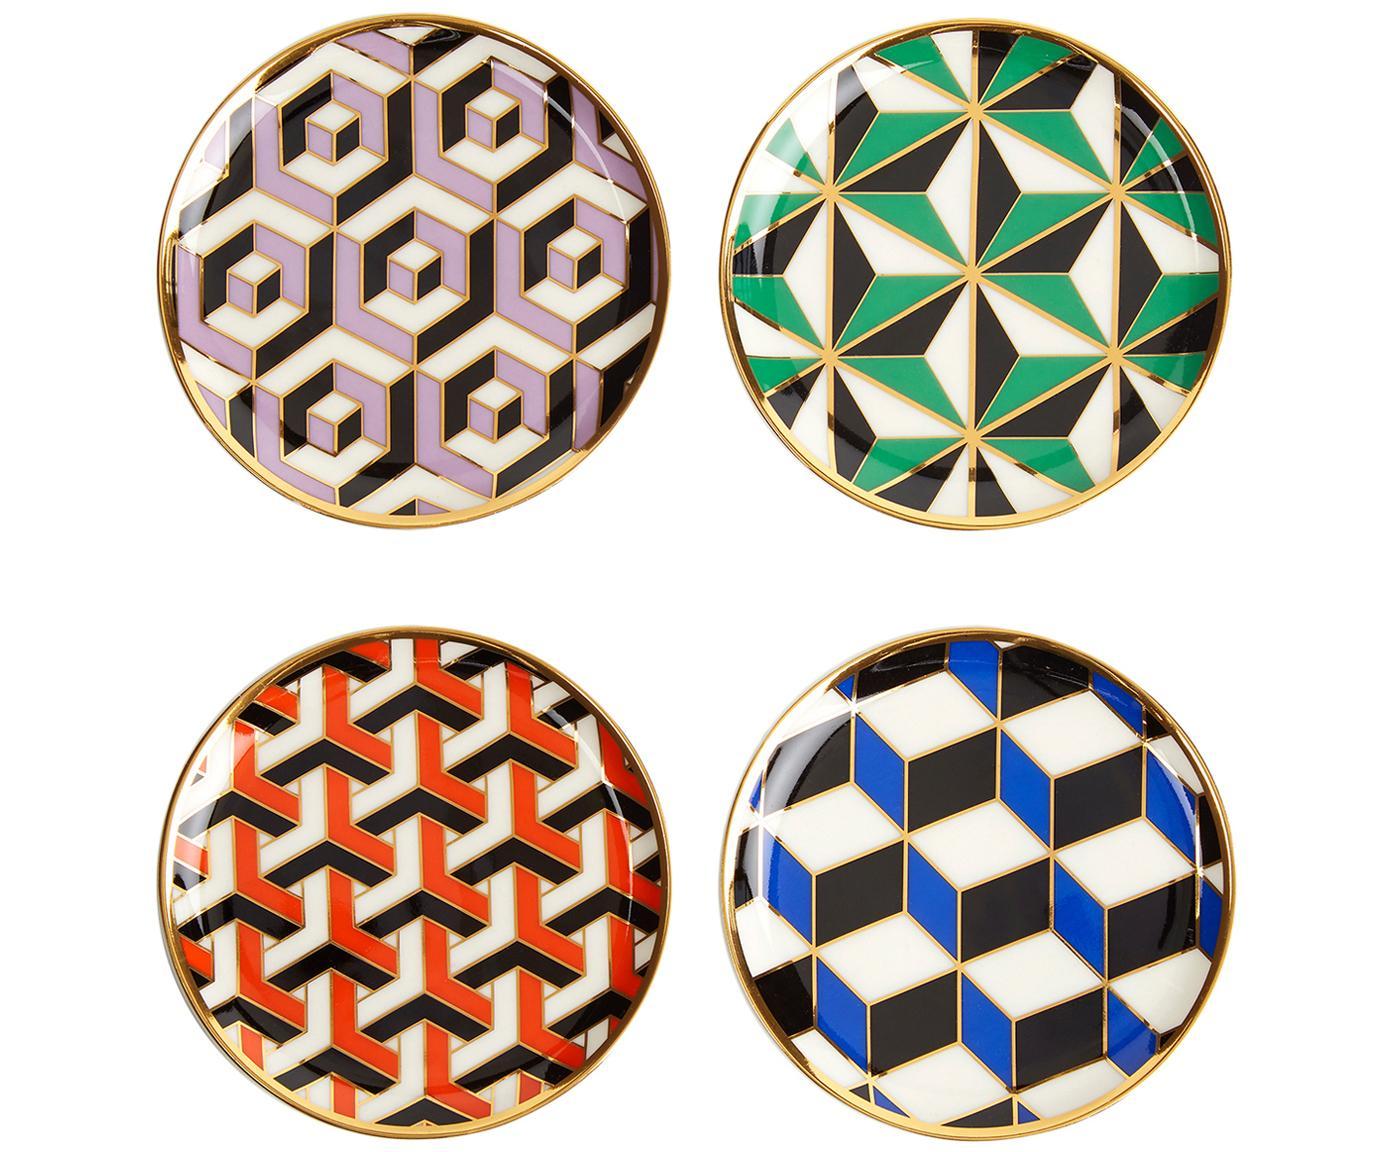 Designer-Untersetzer-Set Versailles,vergoldet, 4-tlg., Porzellan, vergoldete Akzente, Mehrfarbig, vergoldete Akzente, Ø 10 x H 1 cm